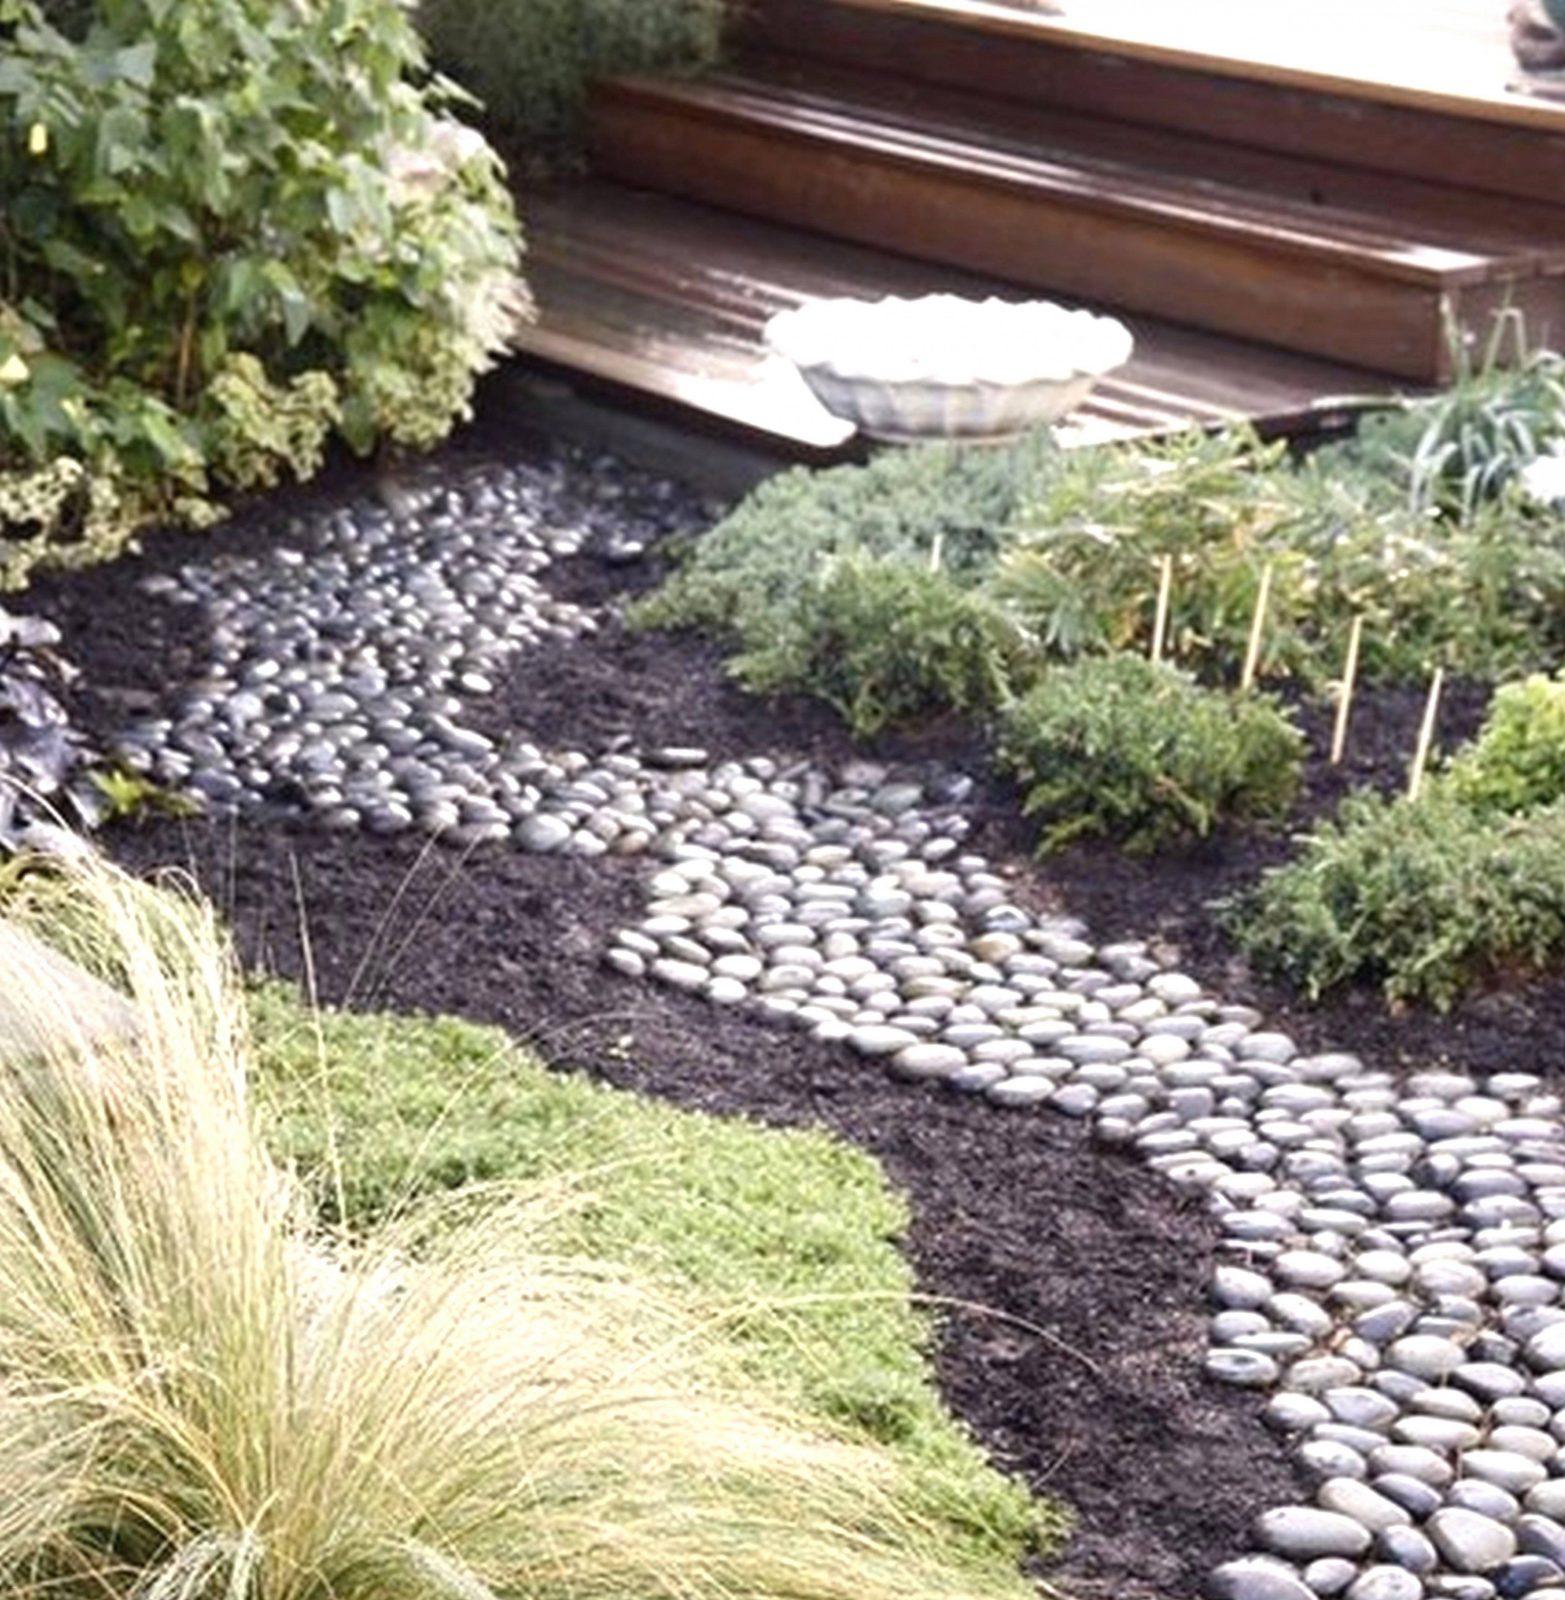 Garten Mit Kies Gestalten Bilder Einzigartig Fantastisch 40 von Garten Mit Kies Gestalten Bilder Bild